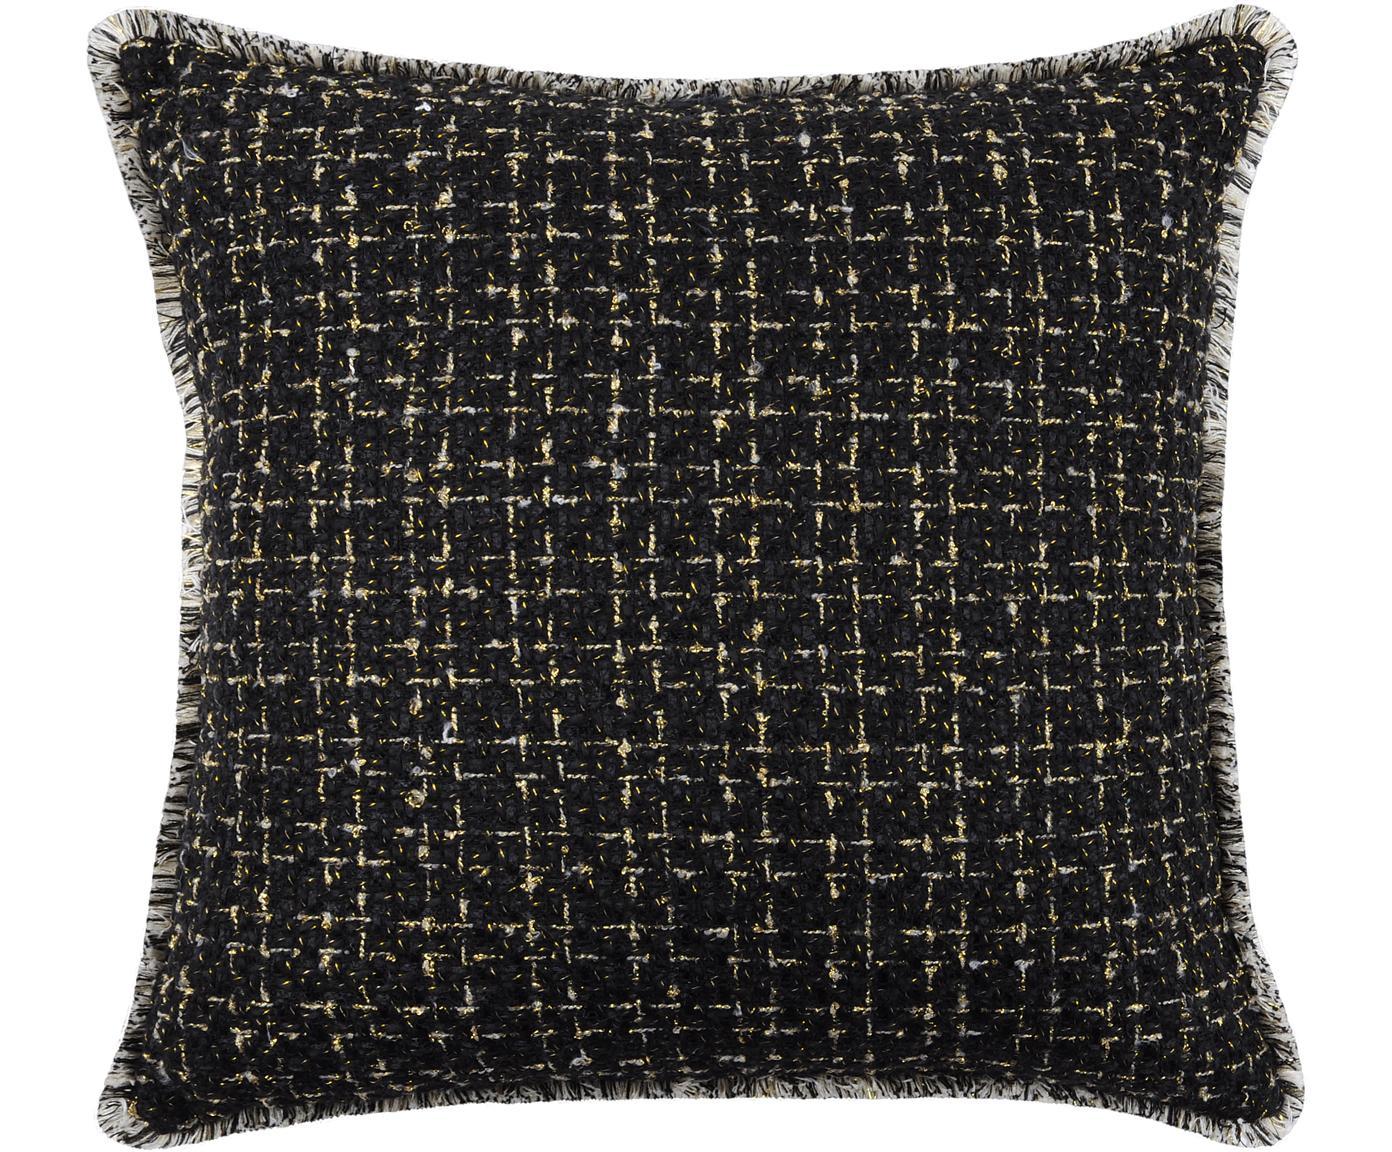 Poszewka na poduszkę Walter, 50% bawełna, 50% poliester, Czarny, odcienie złotego, S 40 x D 40 cm